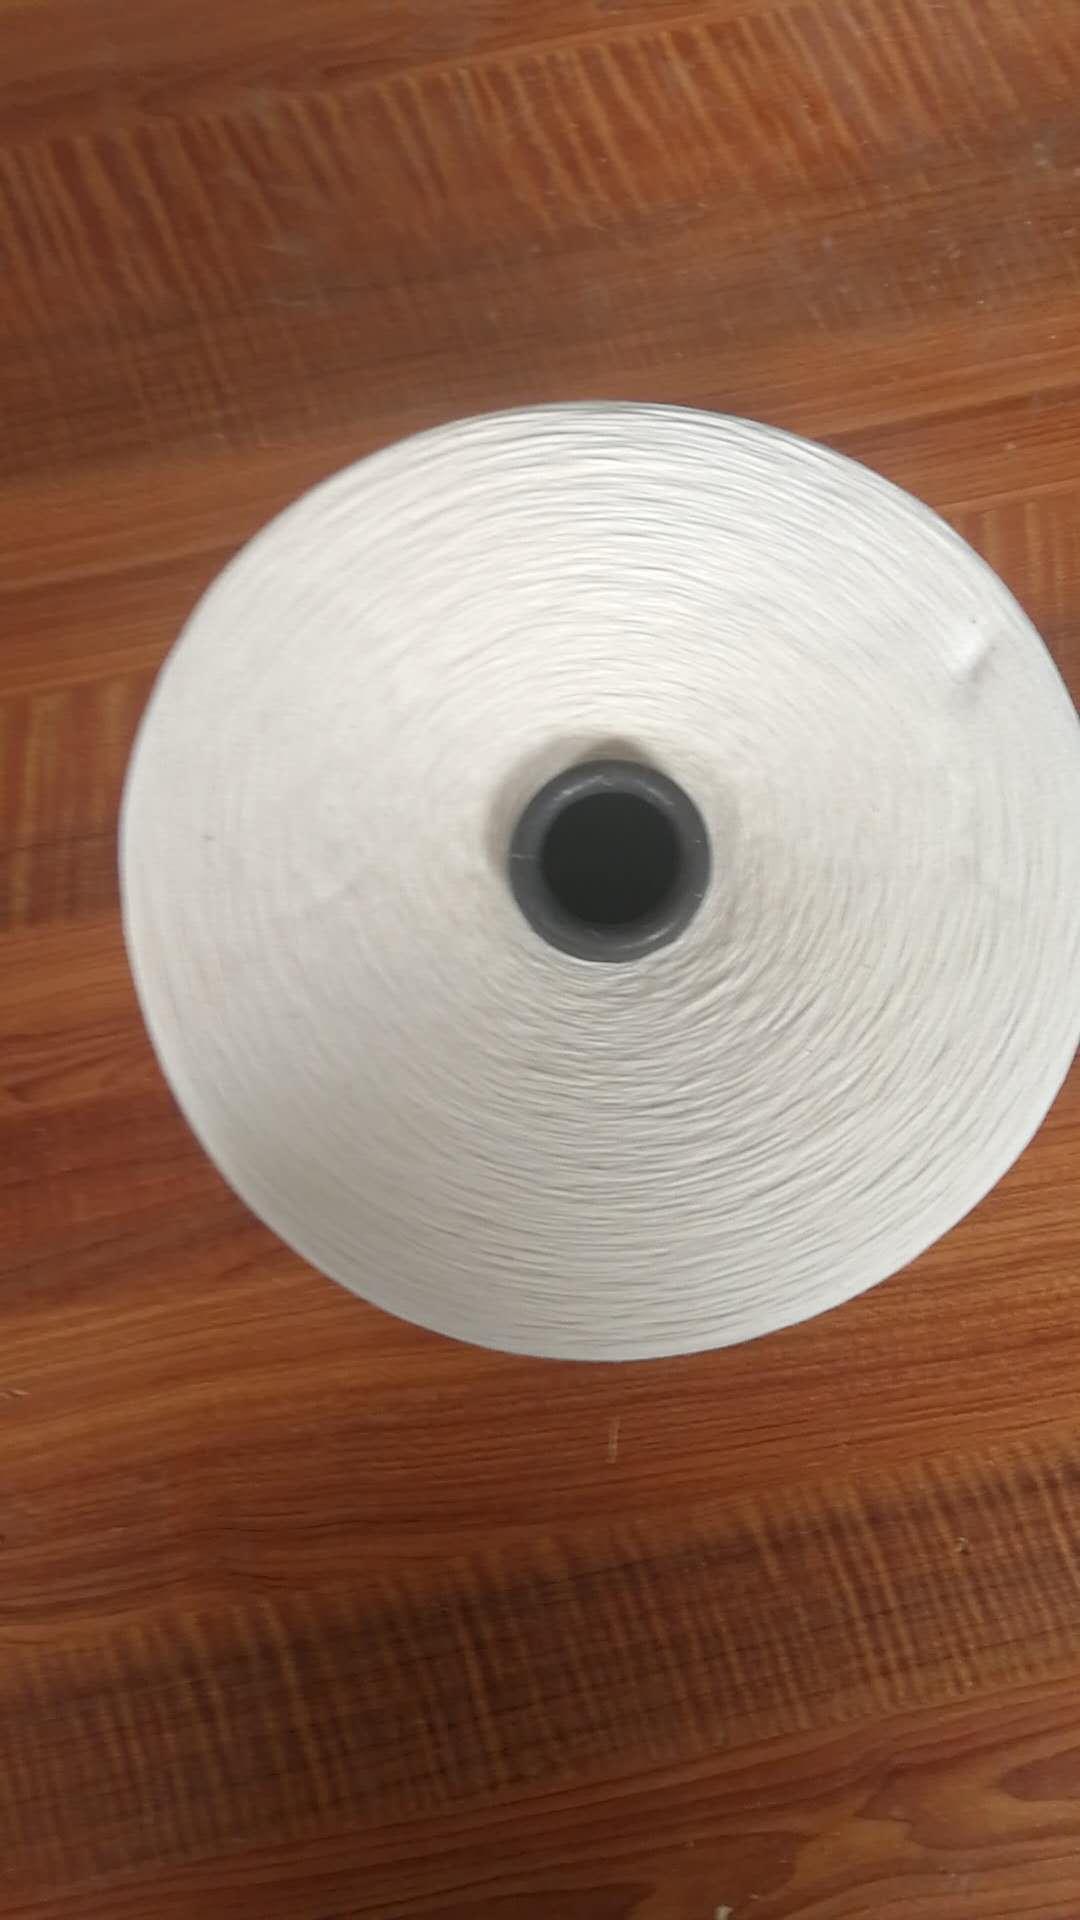 无锡T/C涡流纺纱生产厂商,涡流纺纱